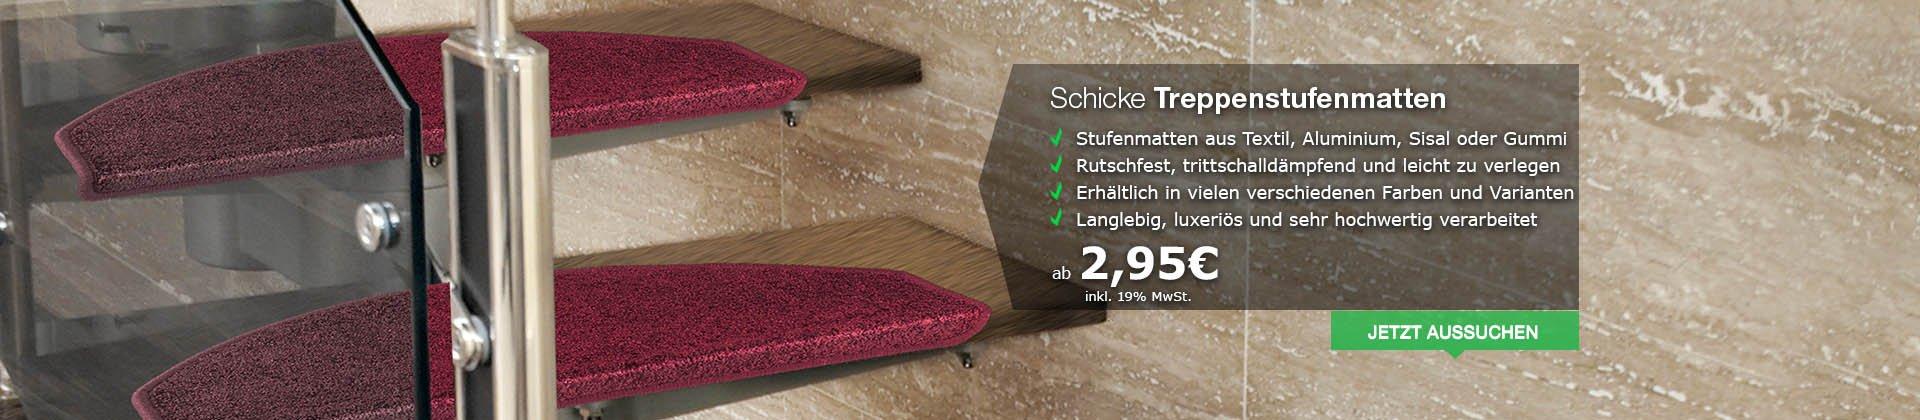 Schicke Treppenstufenmatten aus Textil, Alu, Sisal oder Gummi